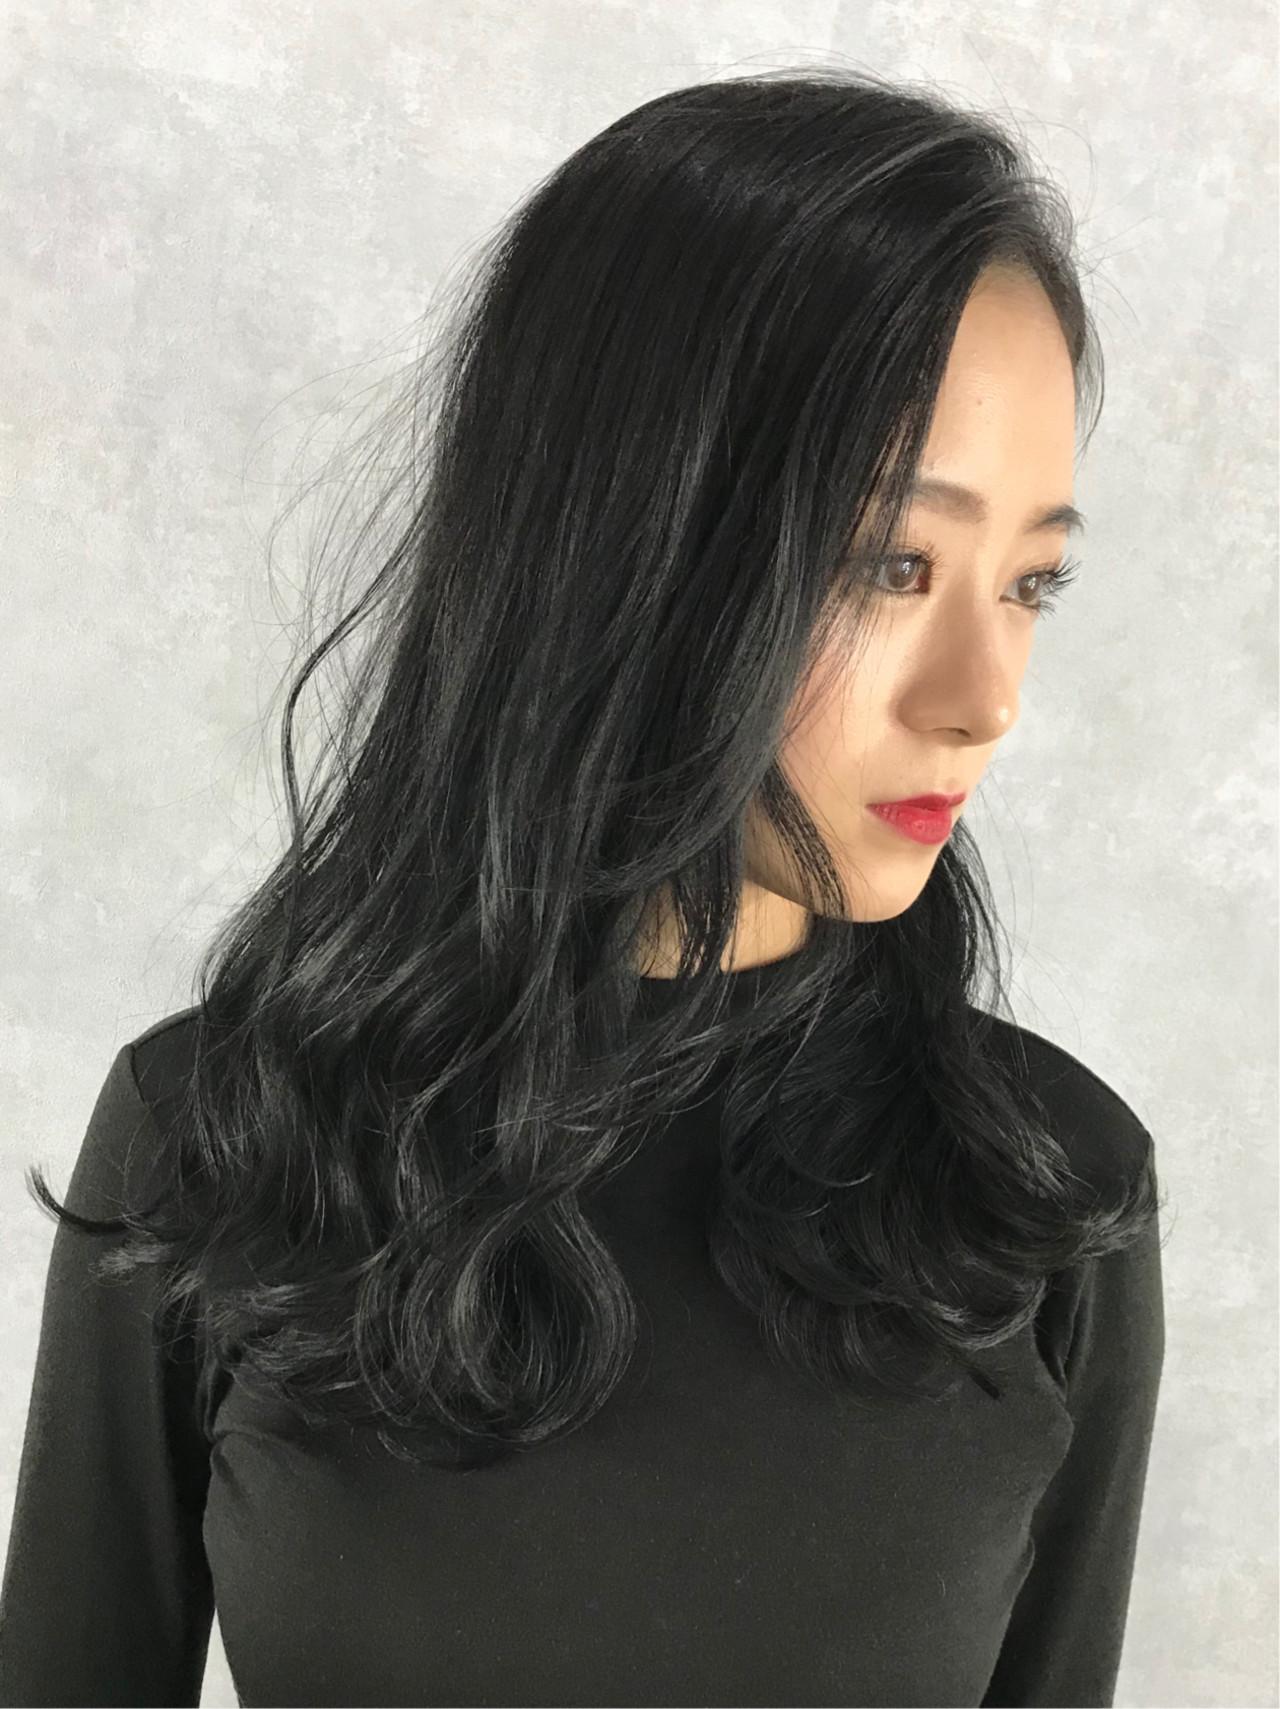 ネイビーカラー モード レイヤーカット ネイビー ヘアスタイルや髪型の写真・画像